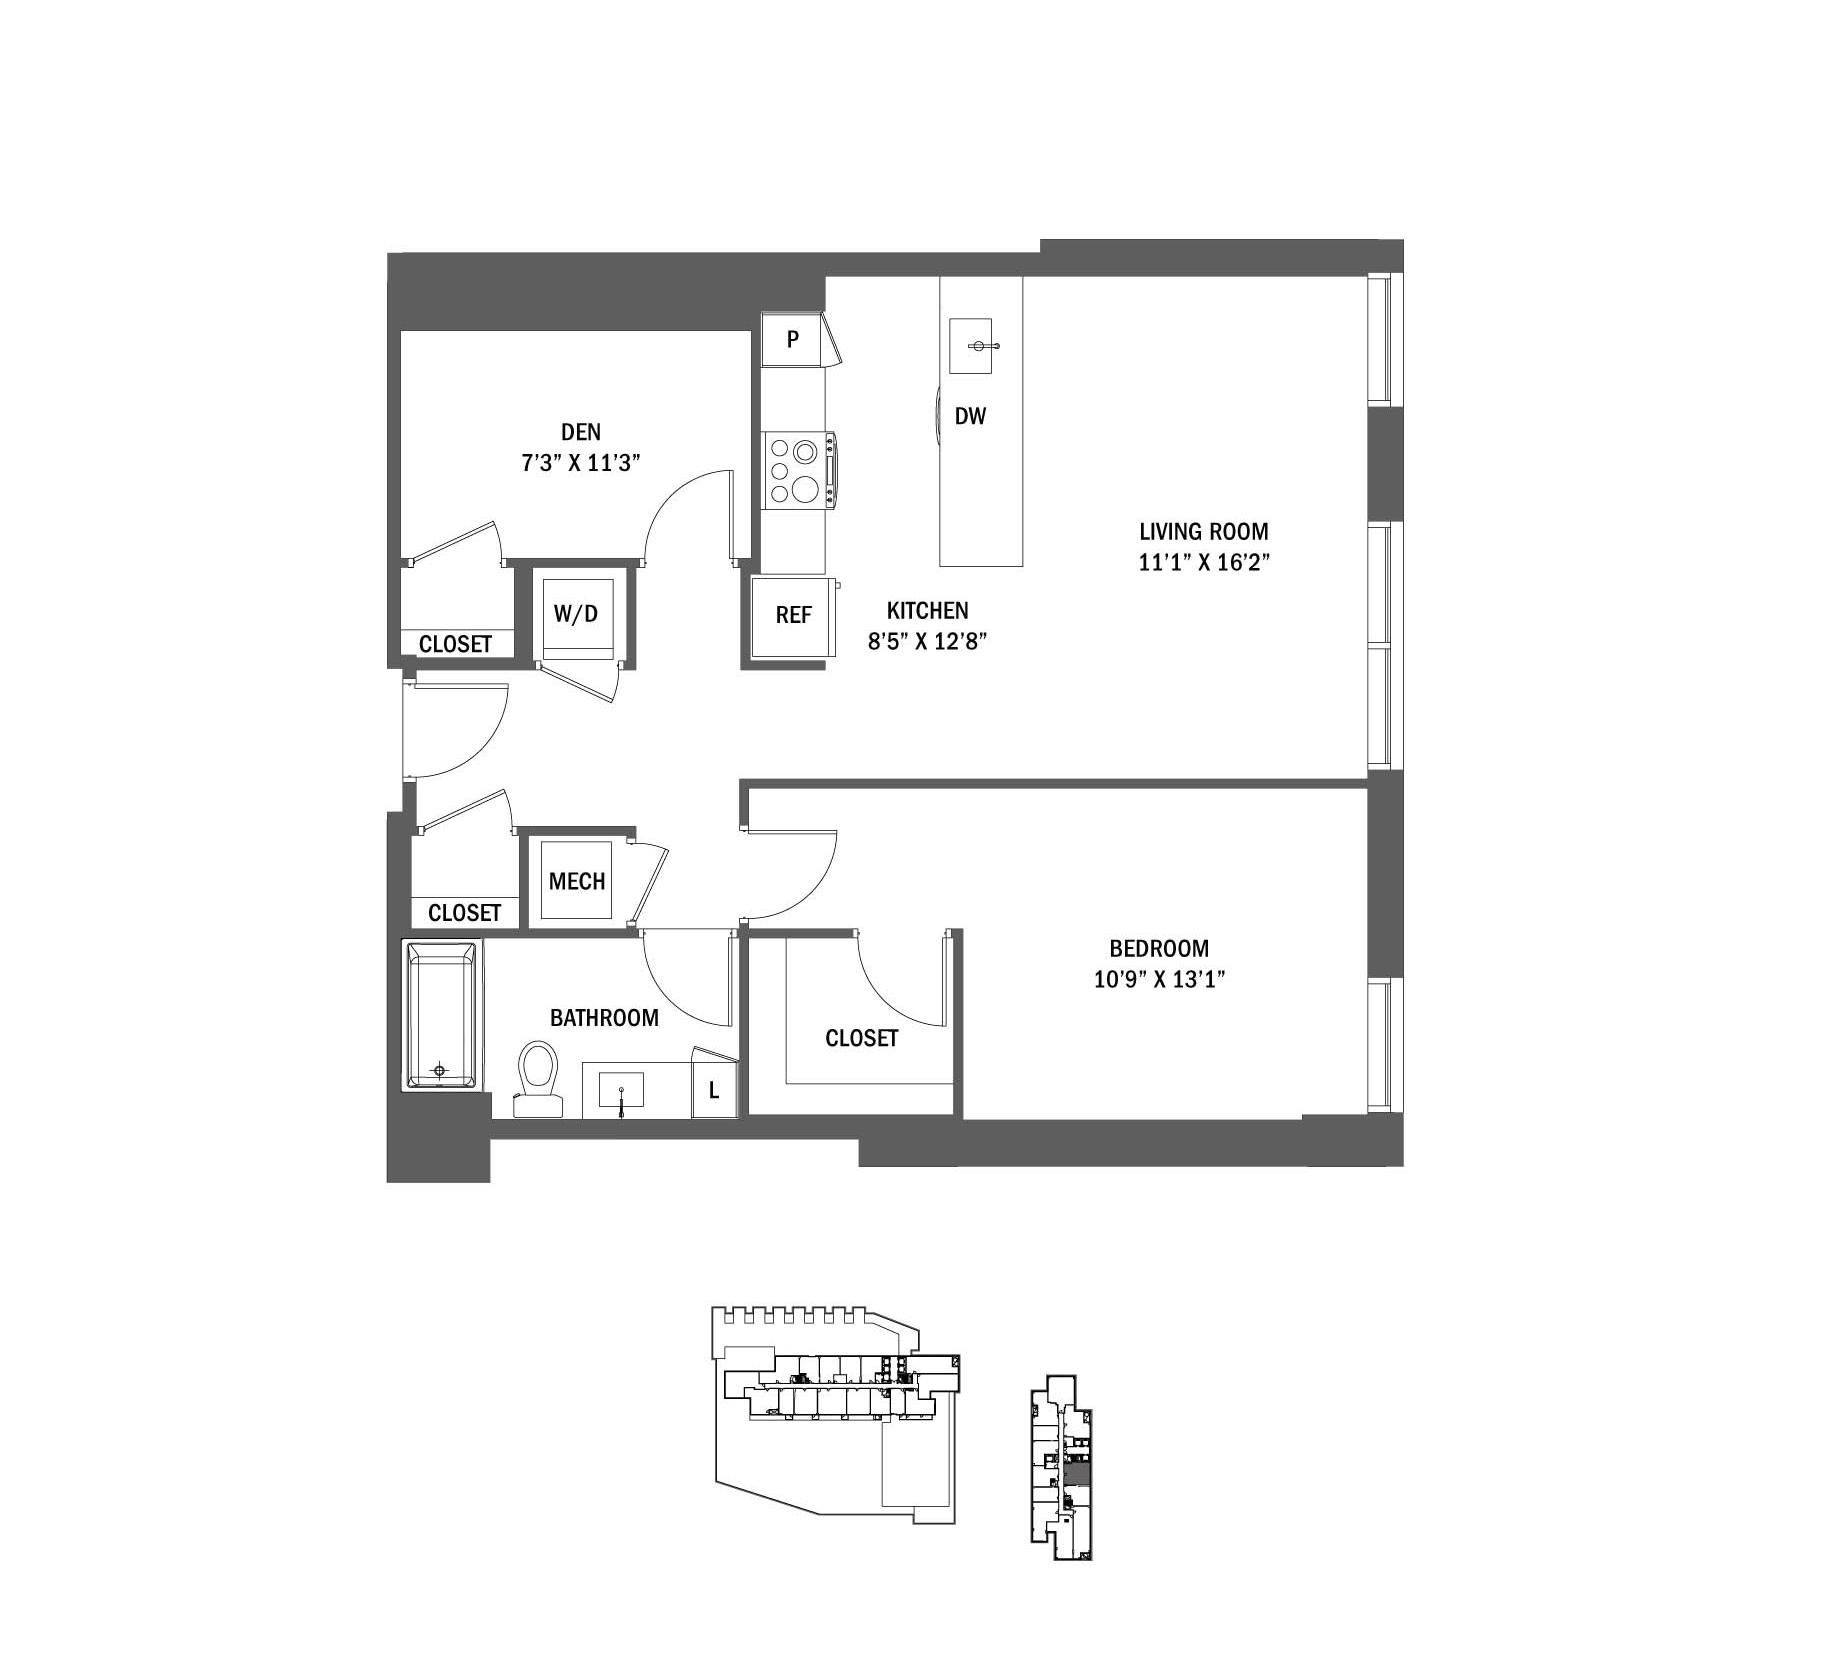 P0625338 789aad04 e12 typ 2 floorplan